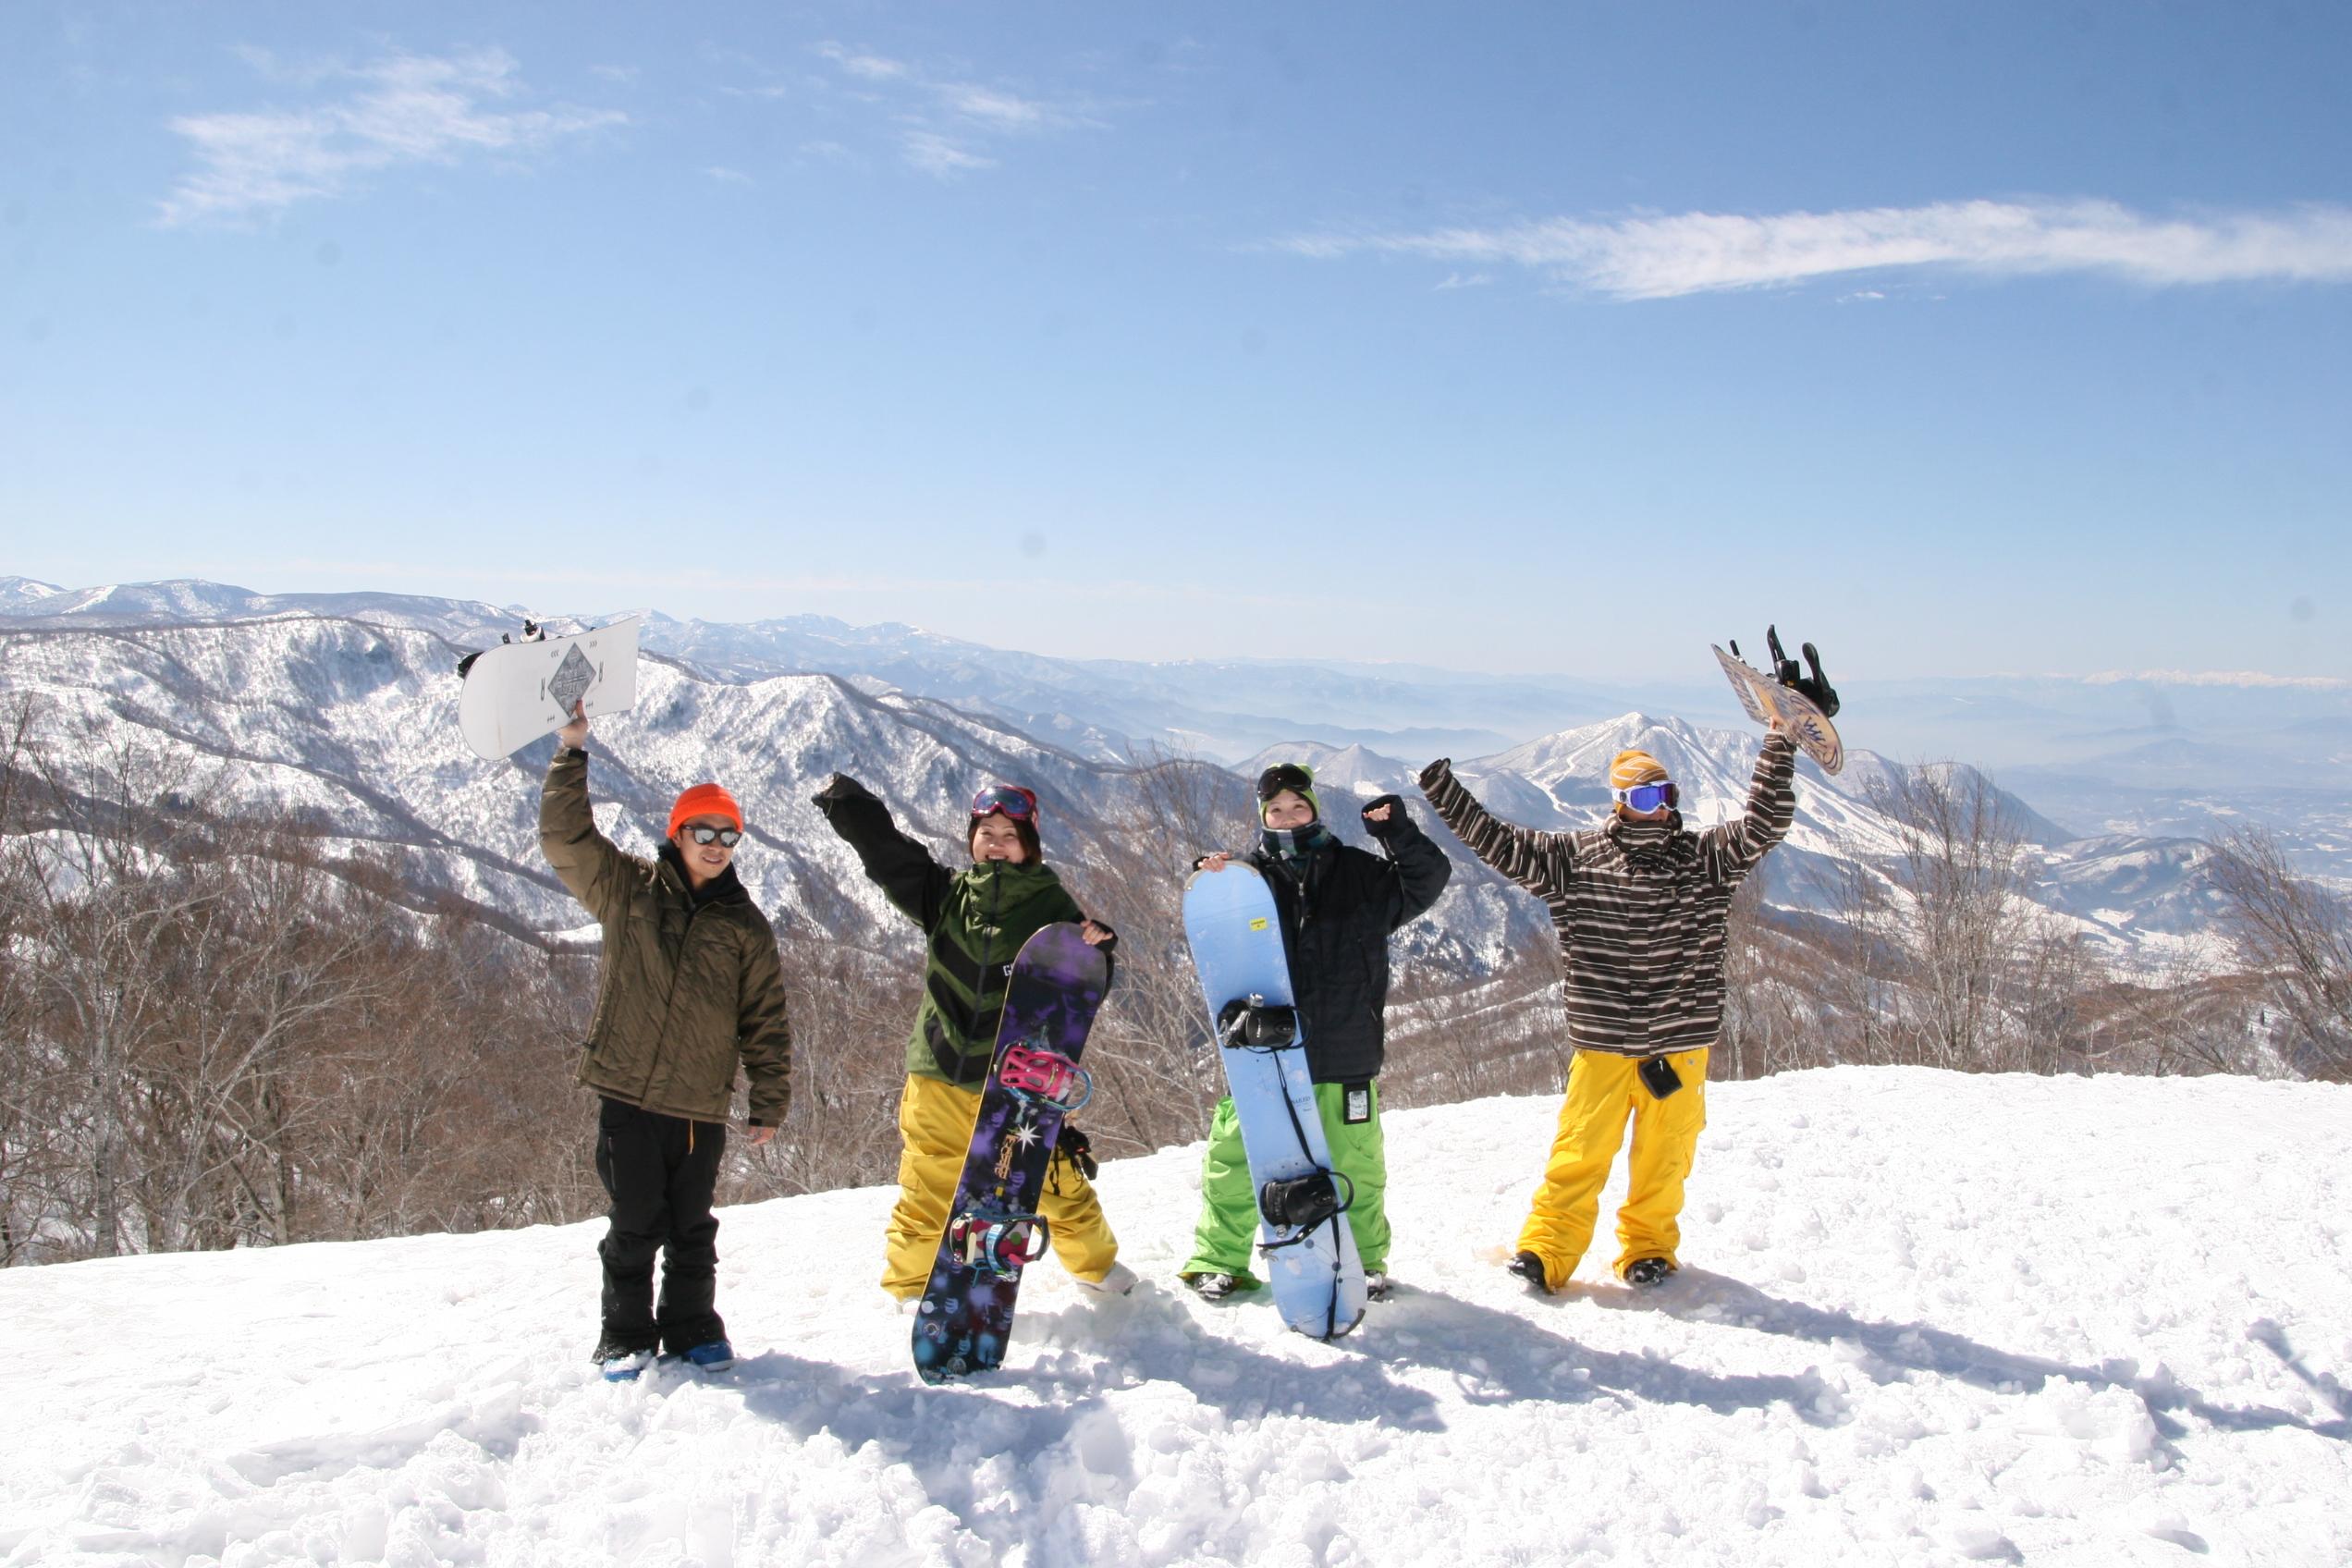 赤倉温泉・赤倉観光リゾートスキー場バスツアー のイメージ1